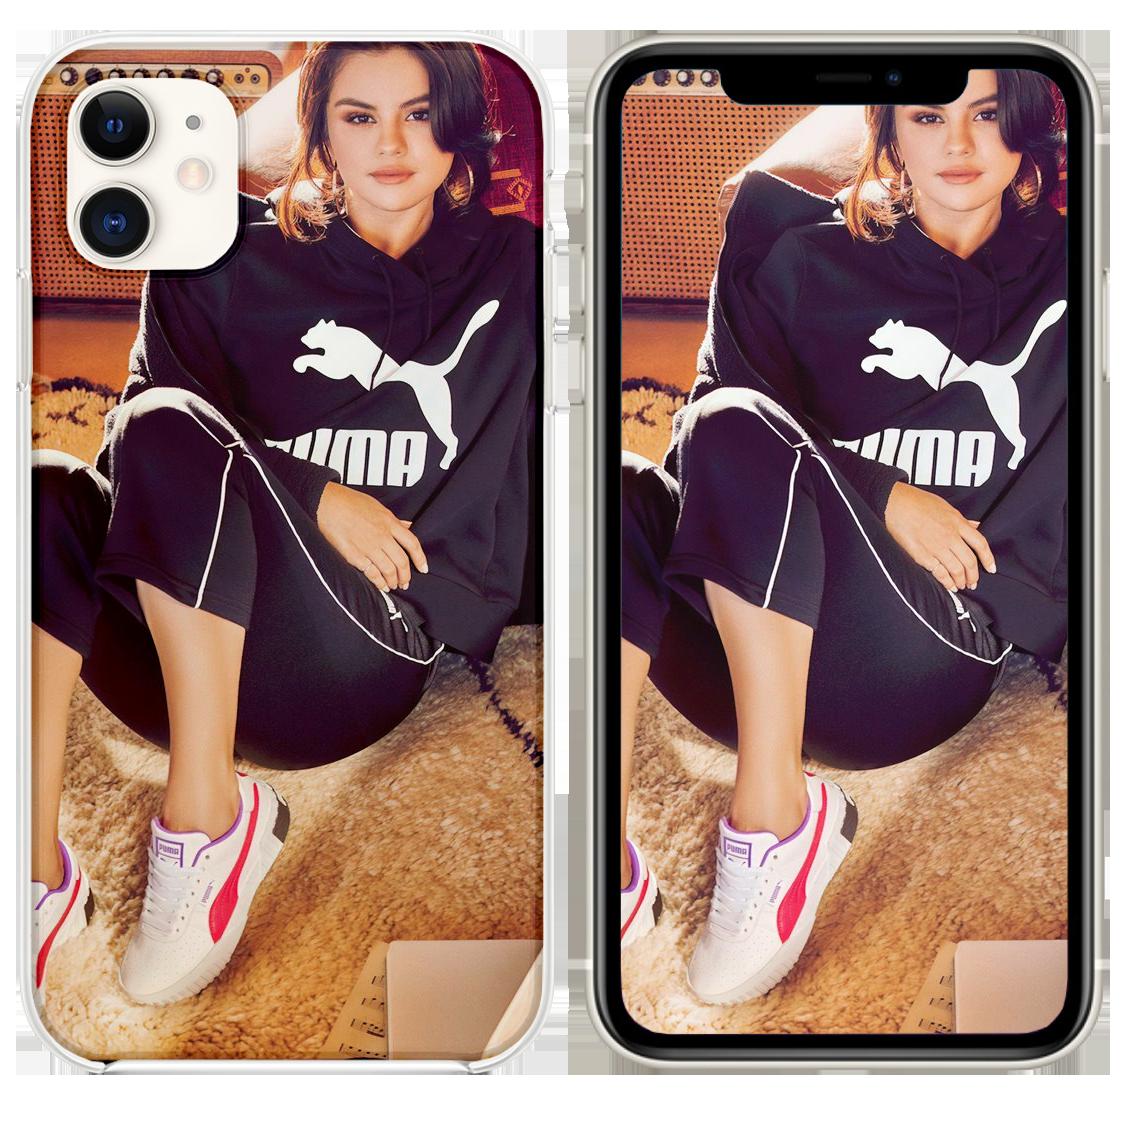 Selena Gomez Puma Cali Chase 2019 4k Iphone 11 Case And Wallpaper Puma Cali Iphone 11 Selena Gomez